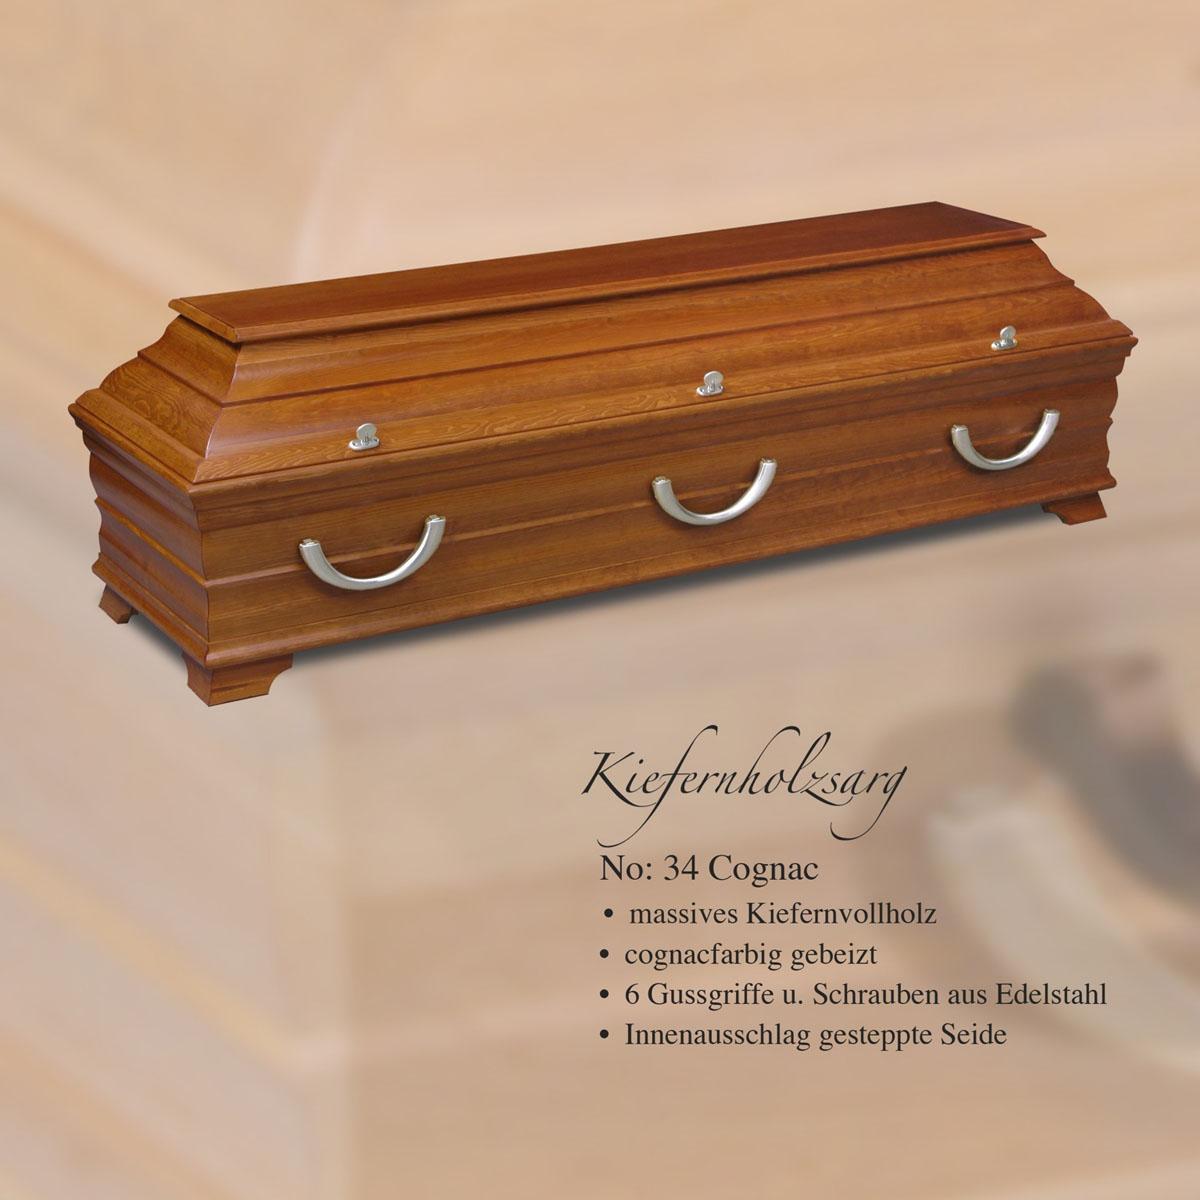 Greve-Bestattungen-Sargauswahl14